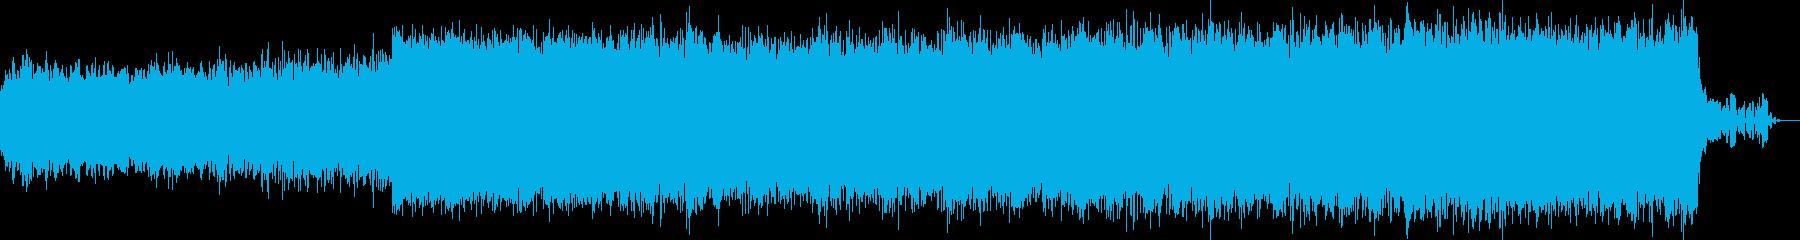 宇宙系近未来エレクトロニカ スローテンポの再生済みの波形